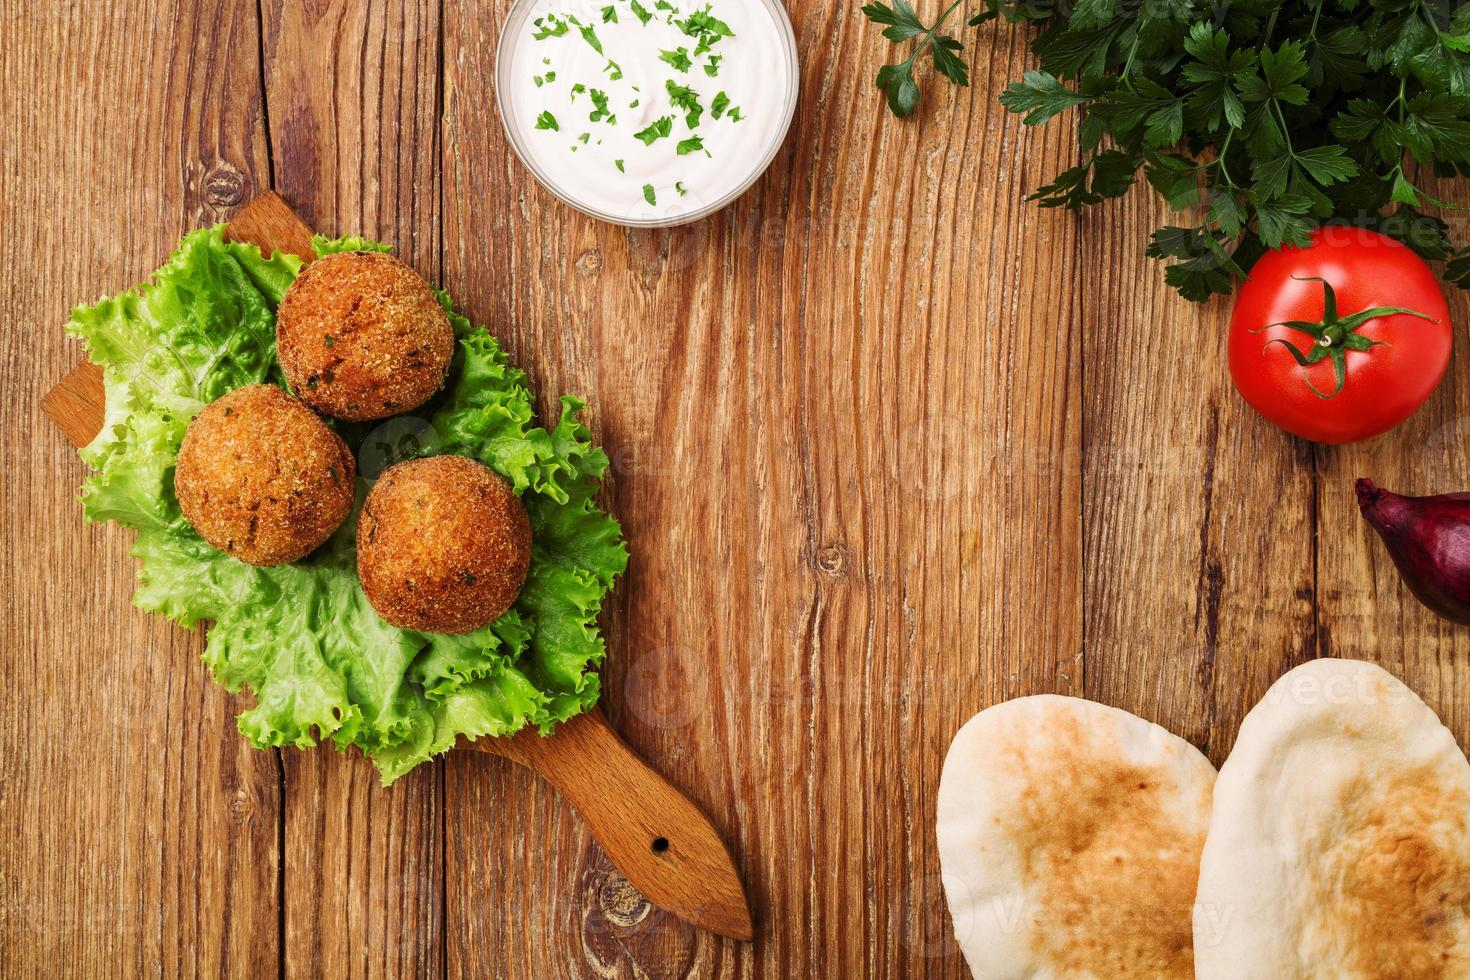 palline di falafel di ceci su una scrivania in legno con verdure foto